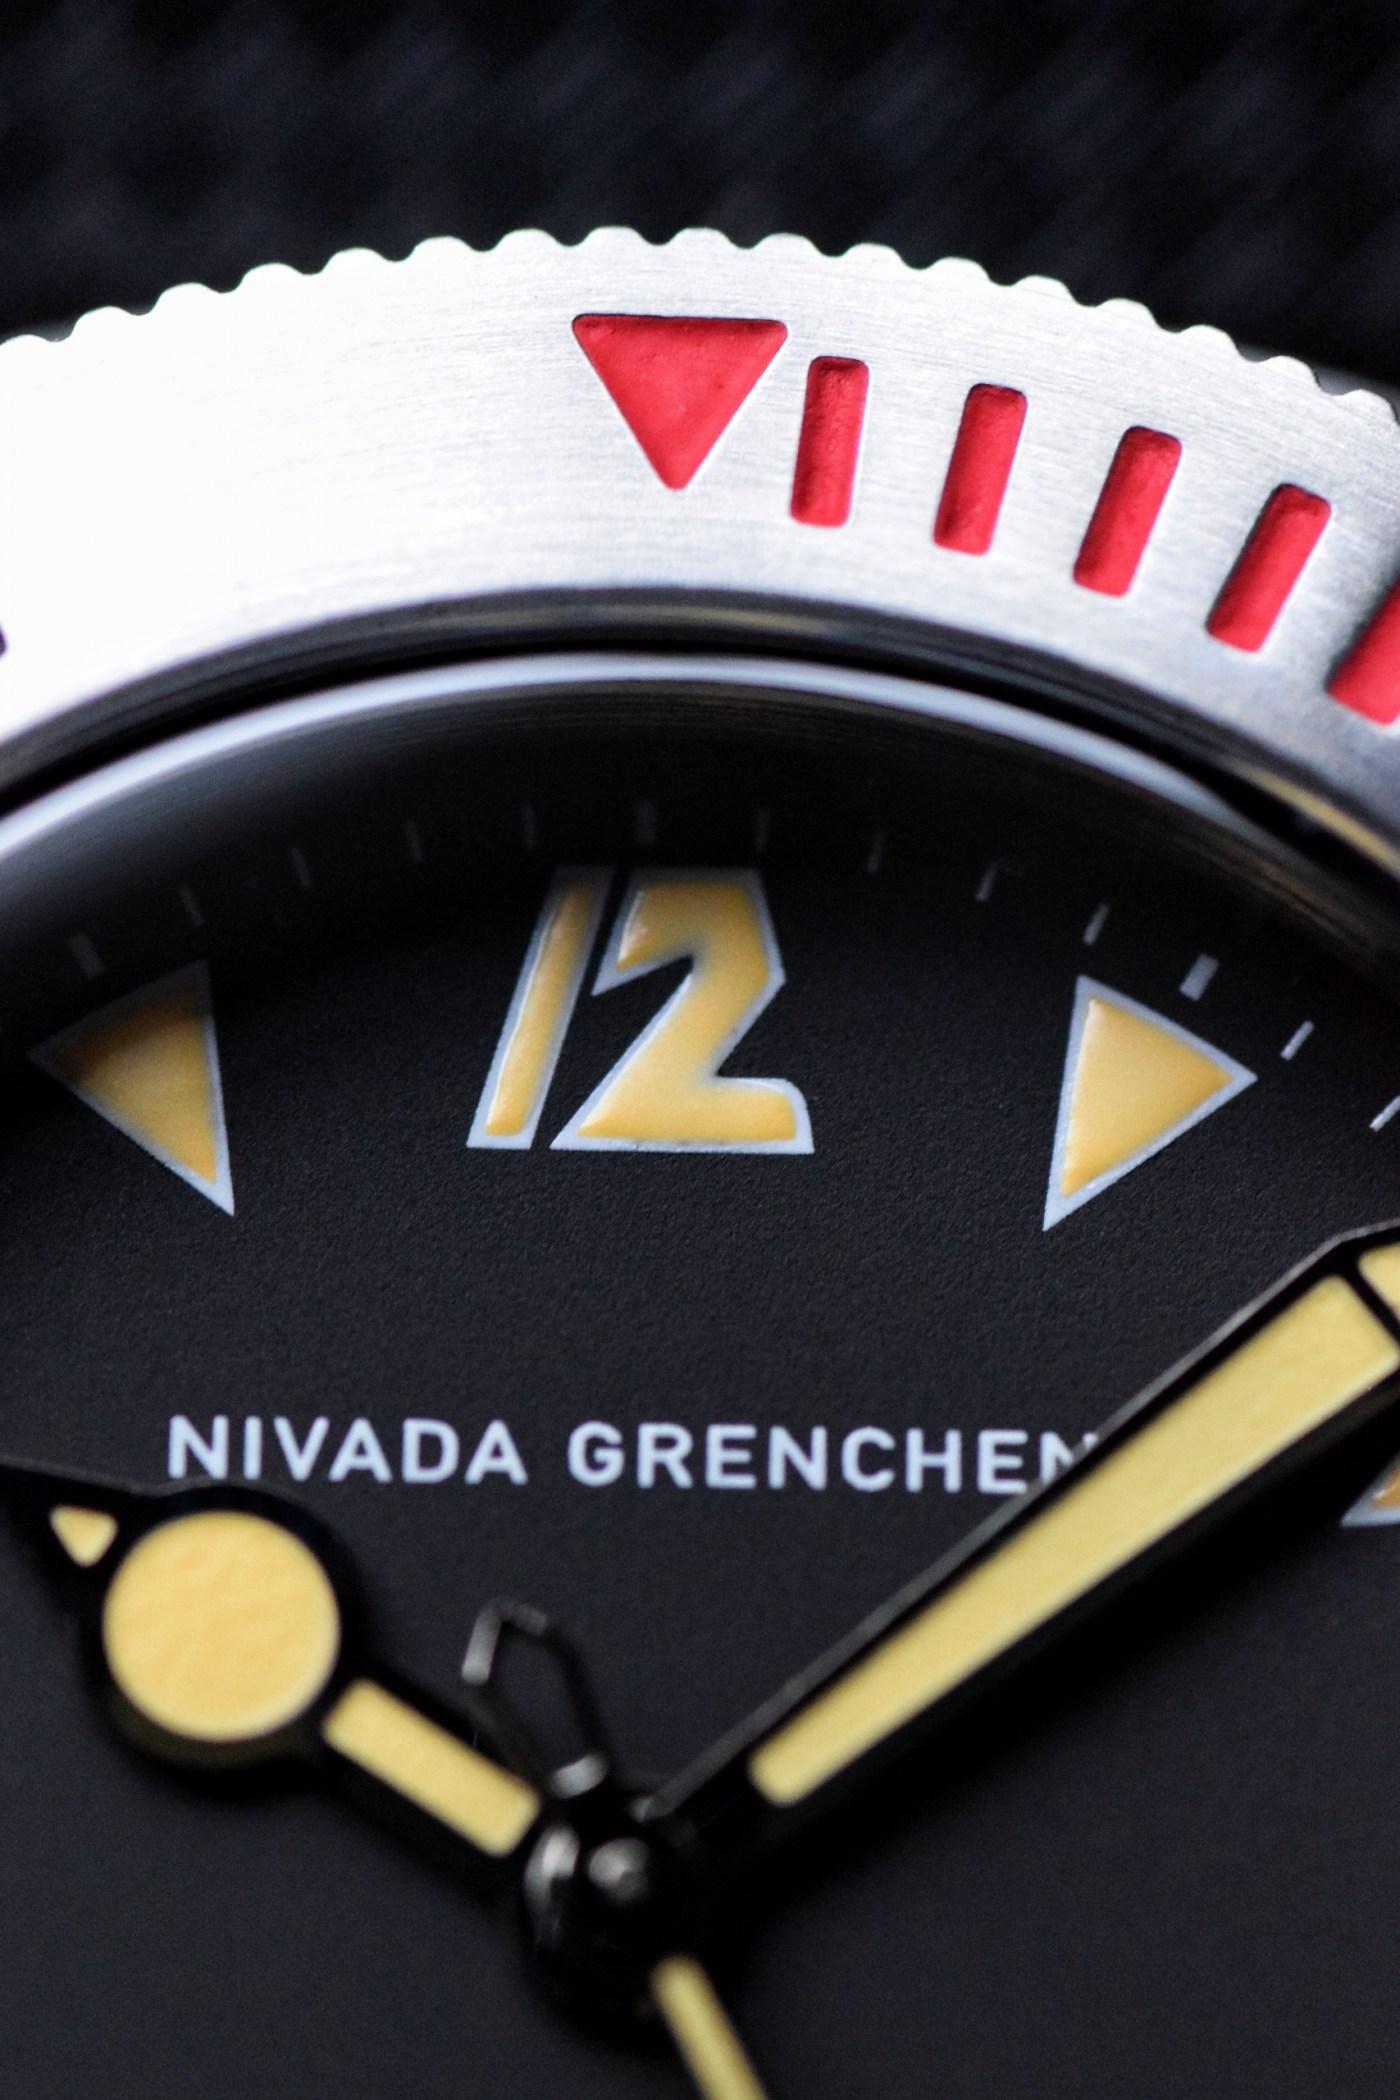 Nivada Grenchen Depthmaster 1000 Pac-Man